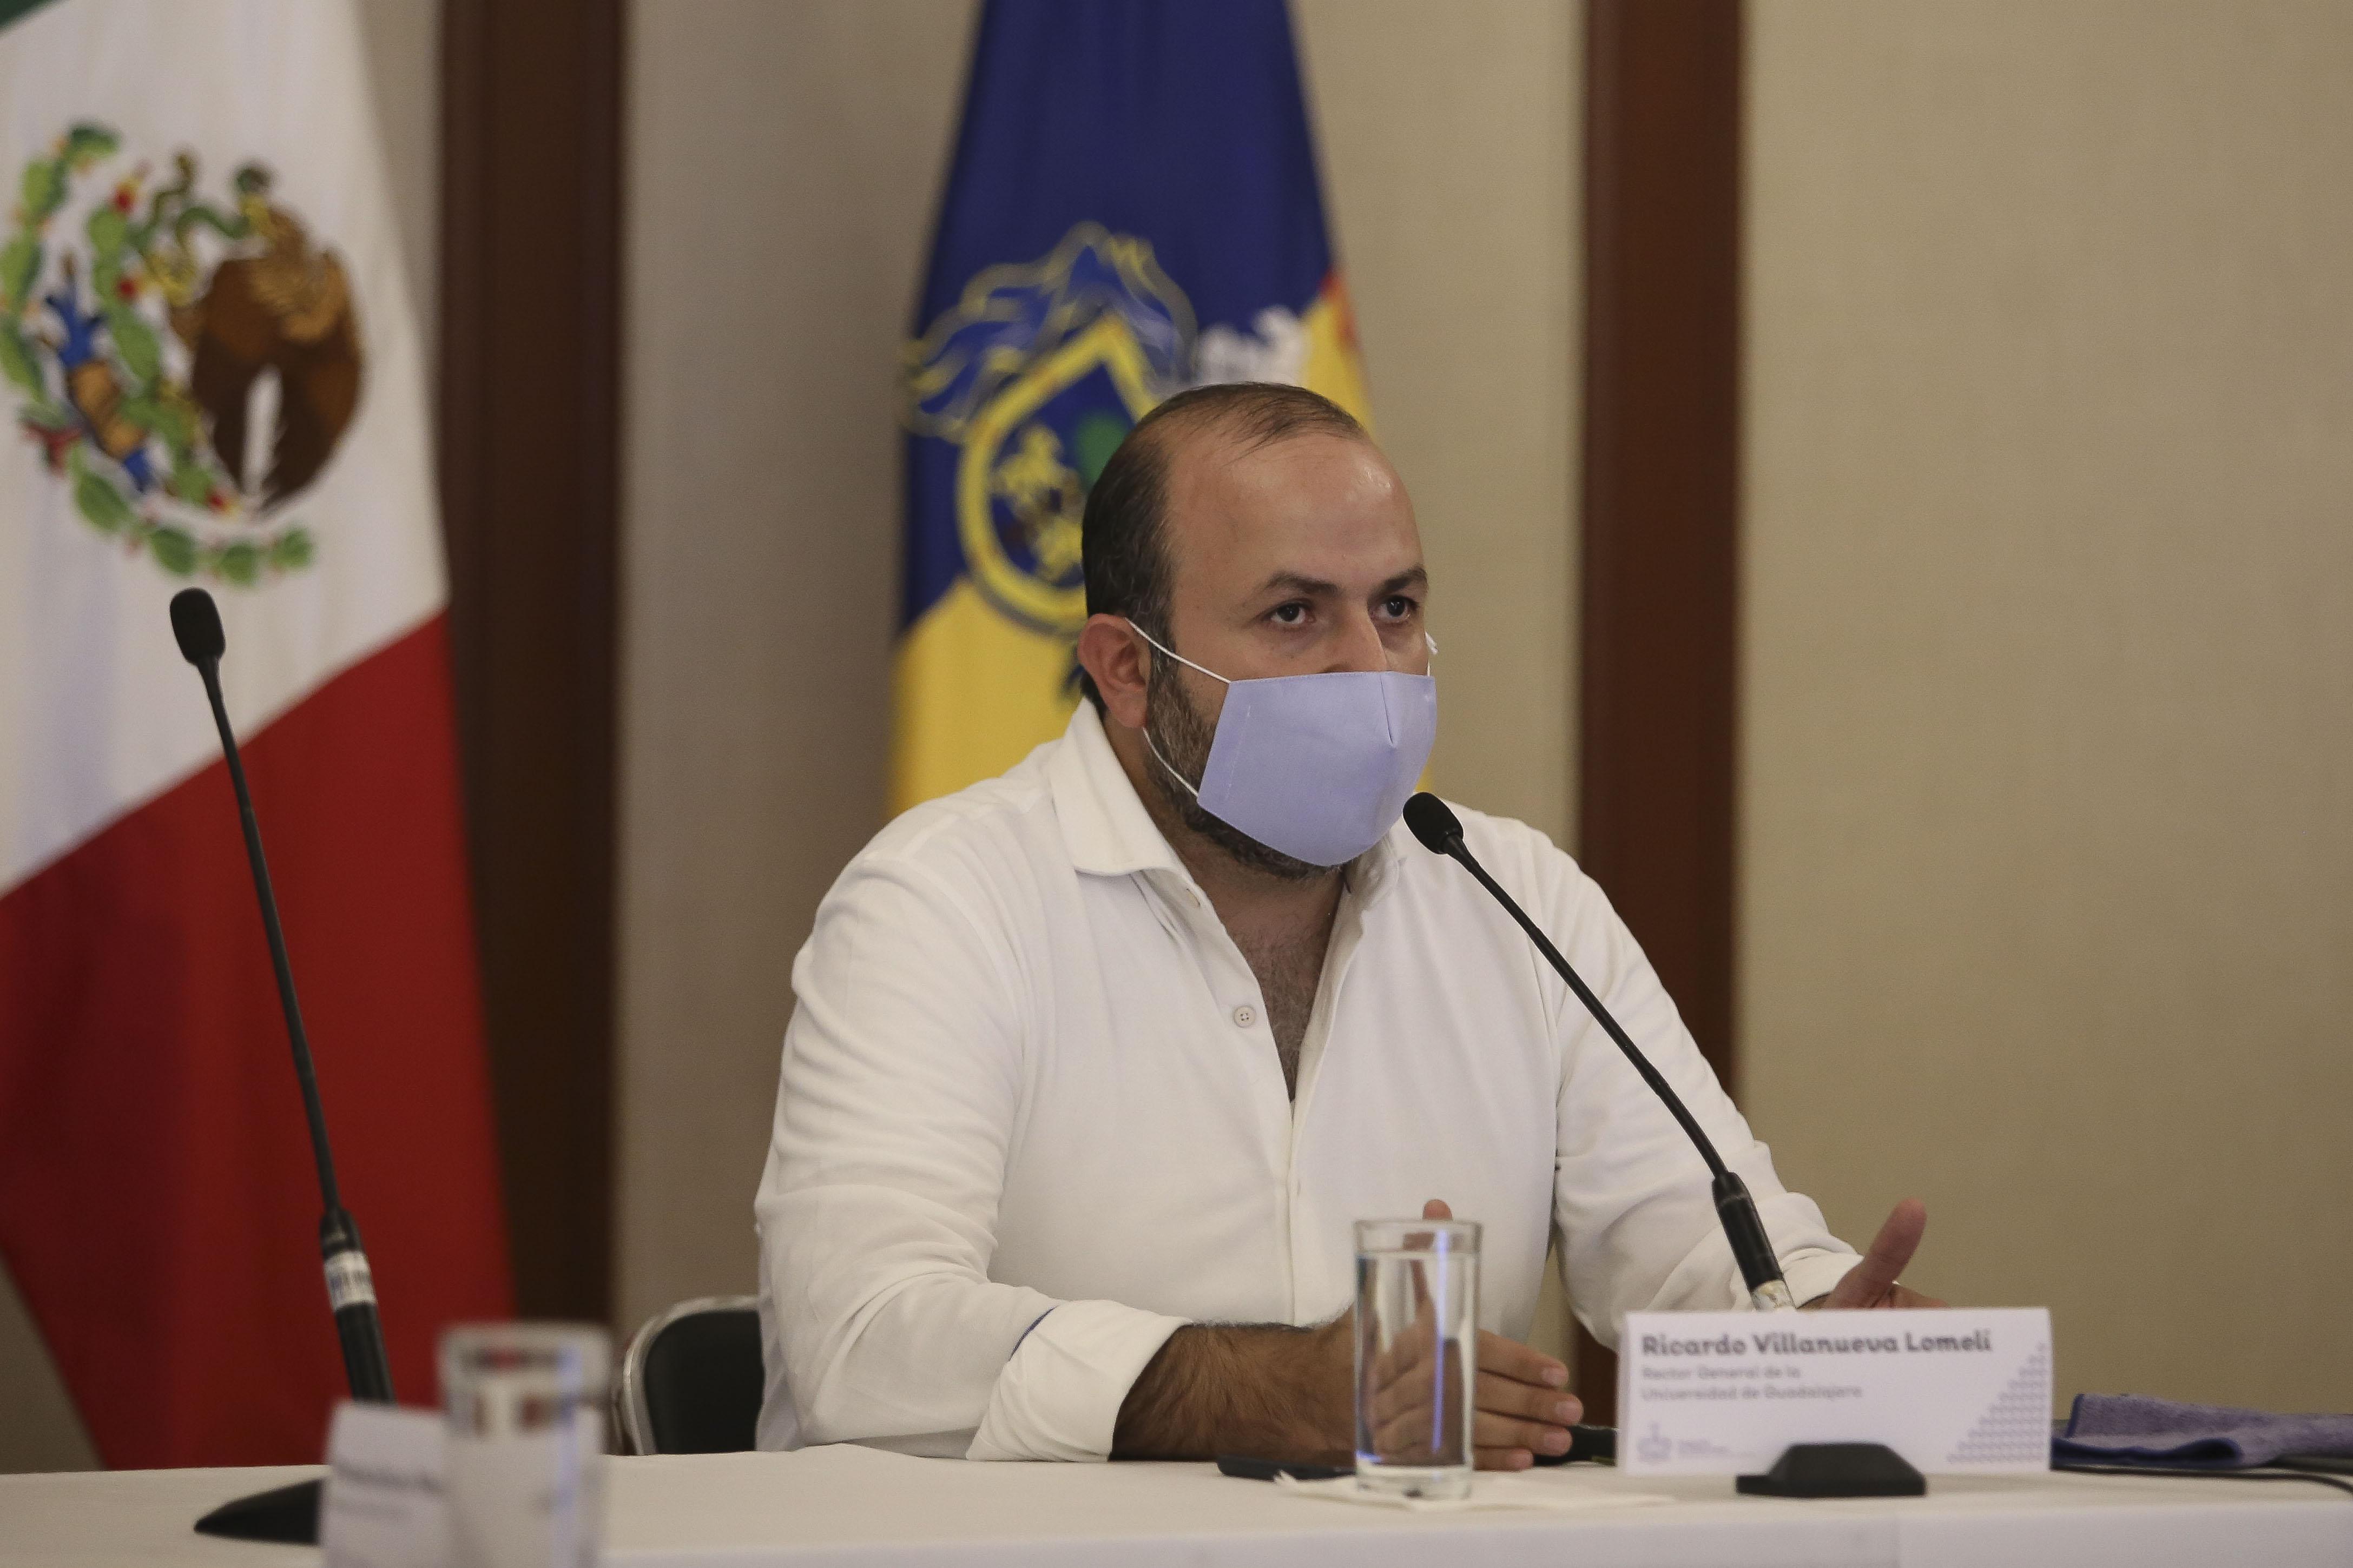 Rector General al micrófono con cubrebocas en rueda de prensa virtual en Casa Jalisco